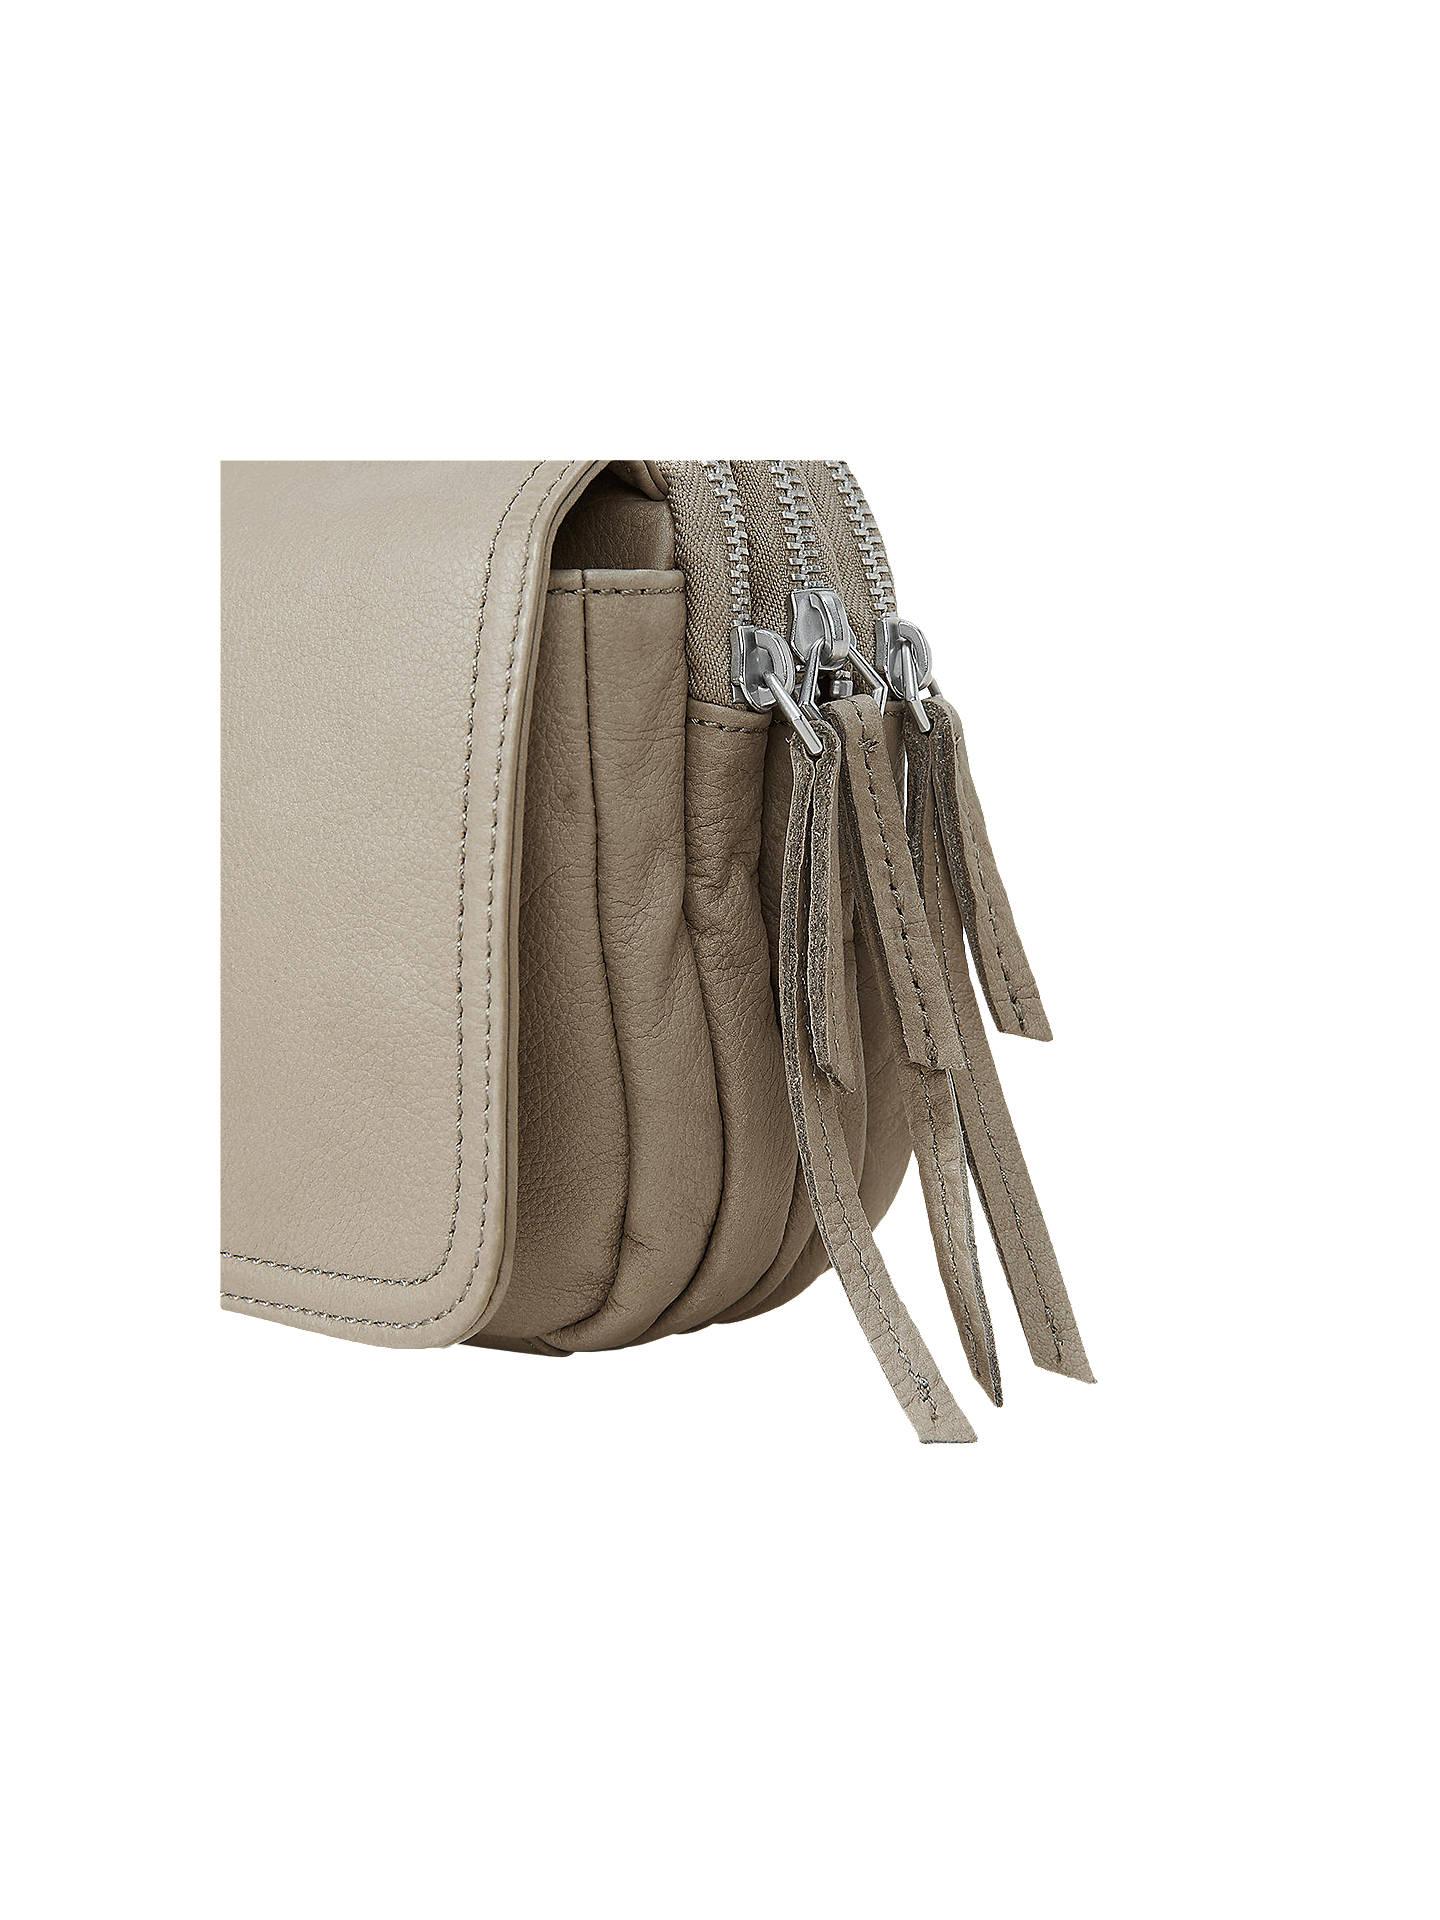 1a33e03e74c7e ... Buy Liebeskind Berlin Maike 7 Leather Cross Body Bag